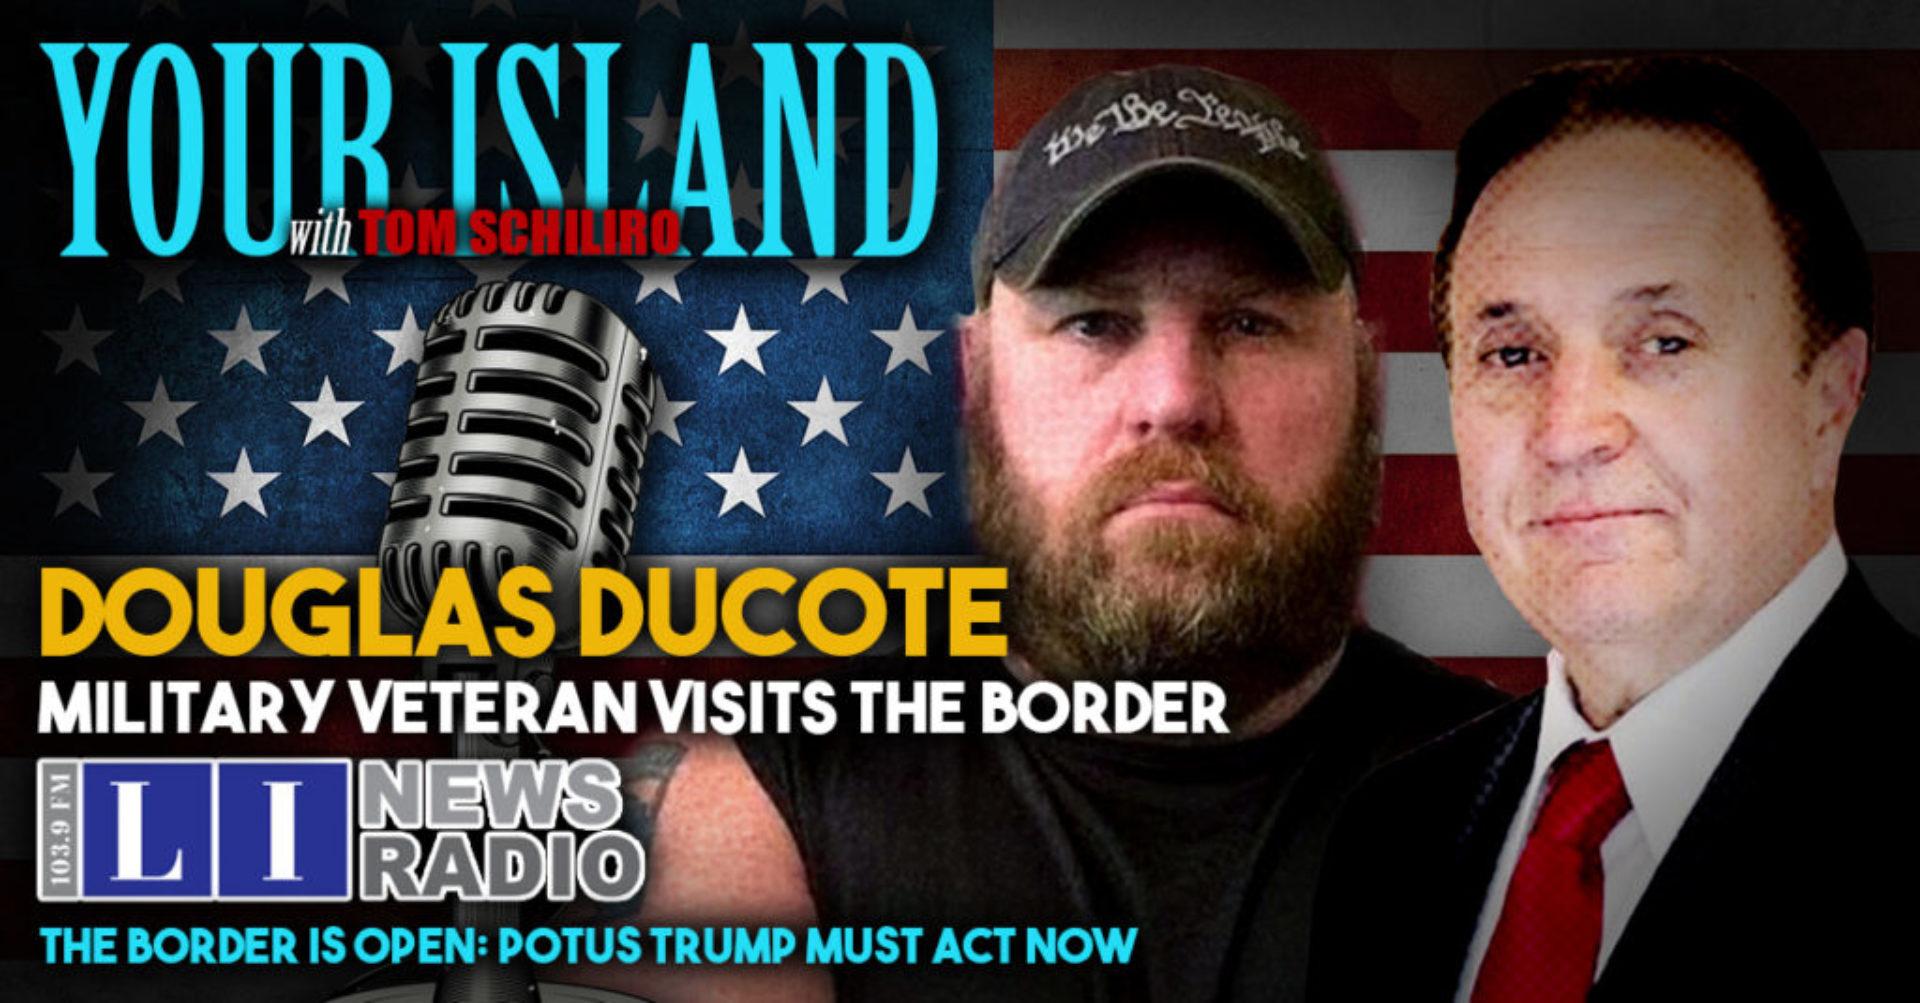 Douglas Ducote Discusses The Border Crisis